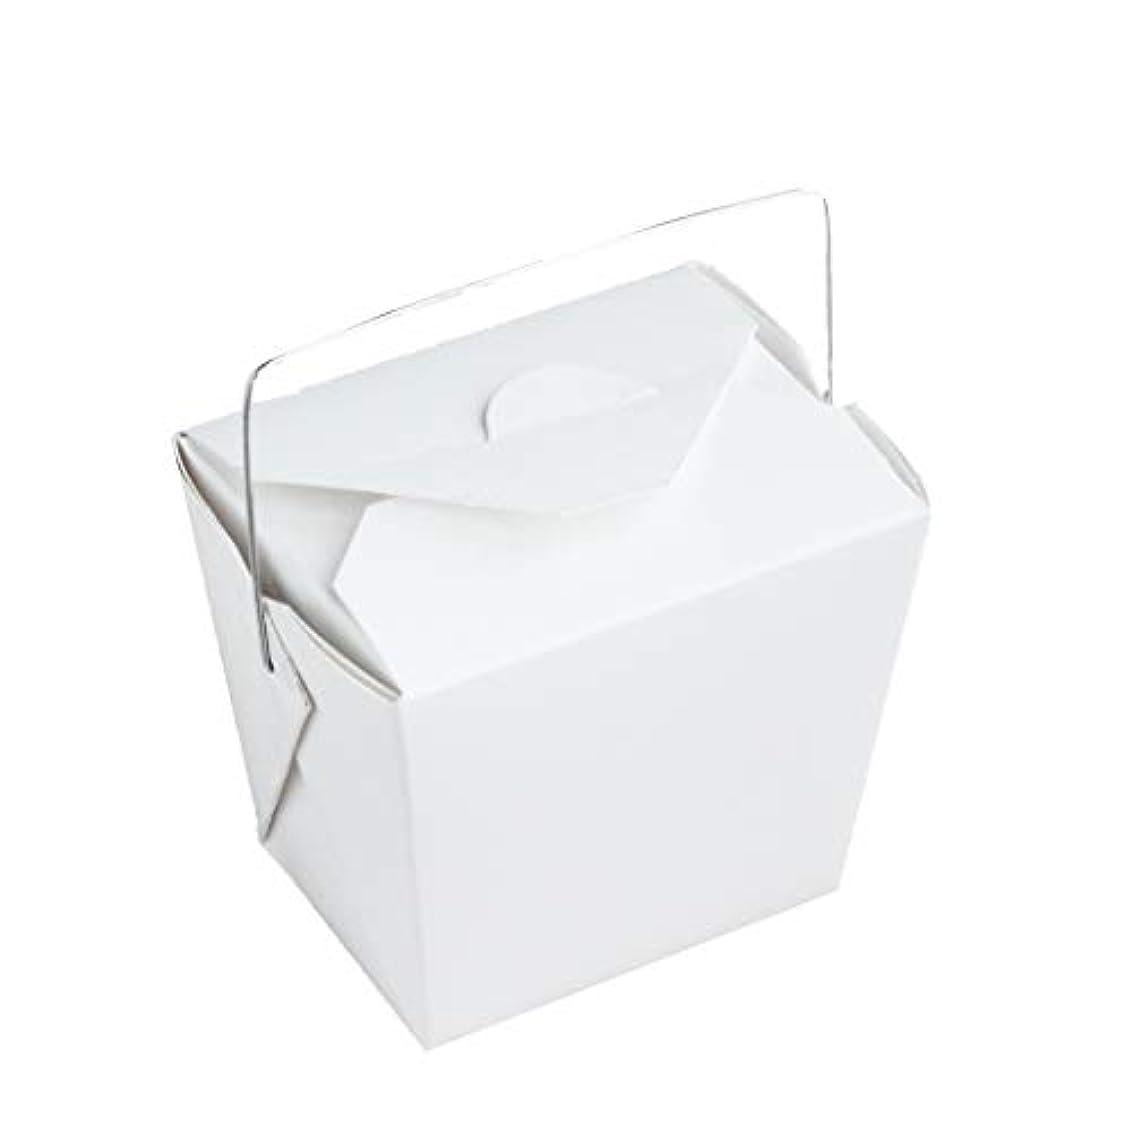 フローメアリアンジョーンズ熱望する手作り石けん用 ワイヤー取っ手付きホワイトペーパー型 10個